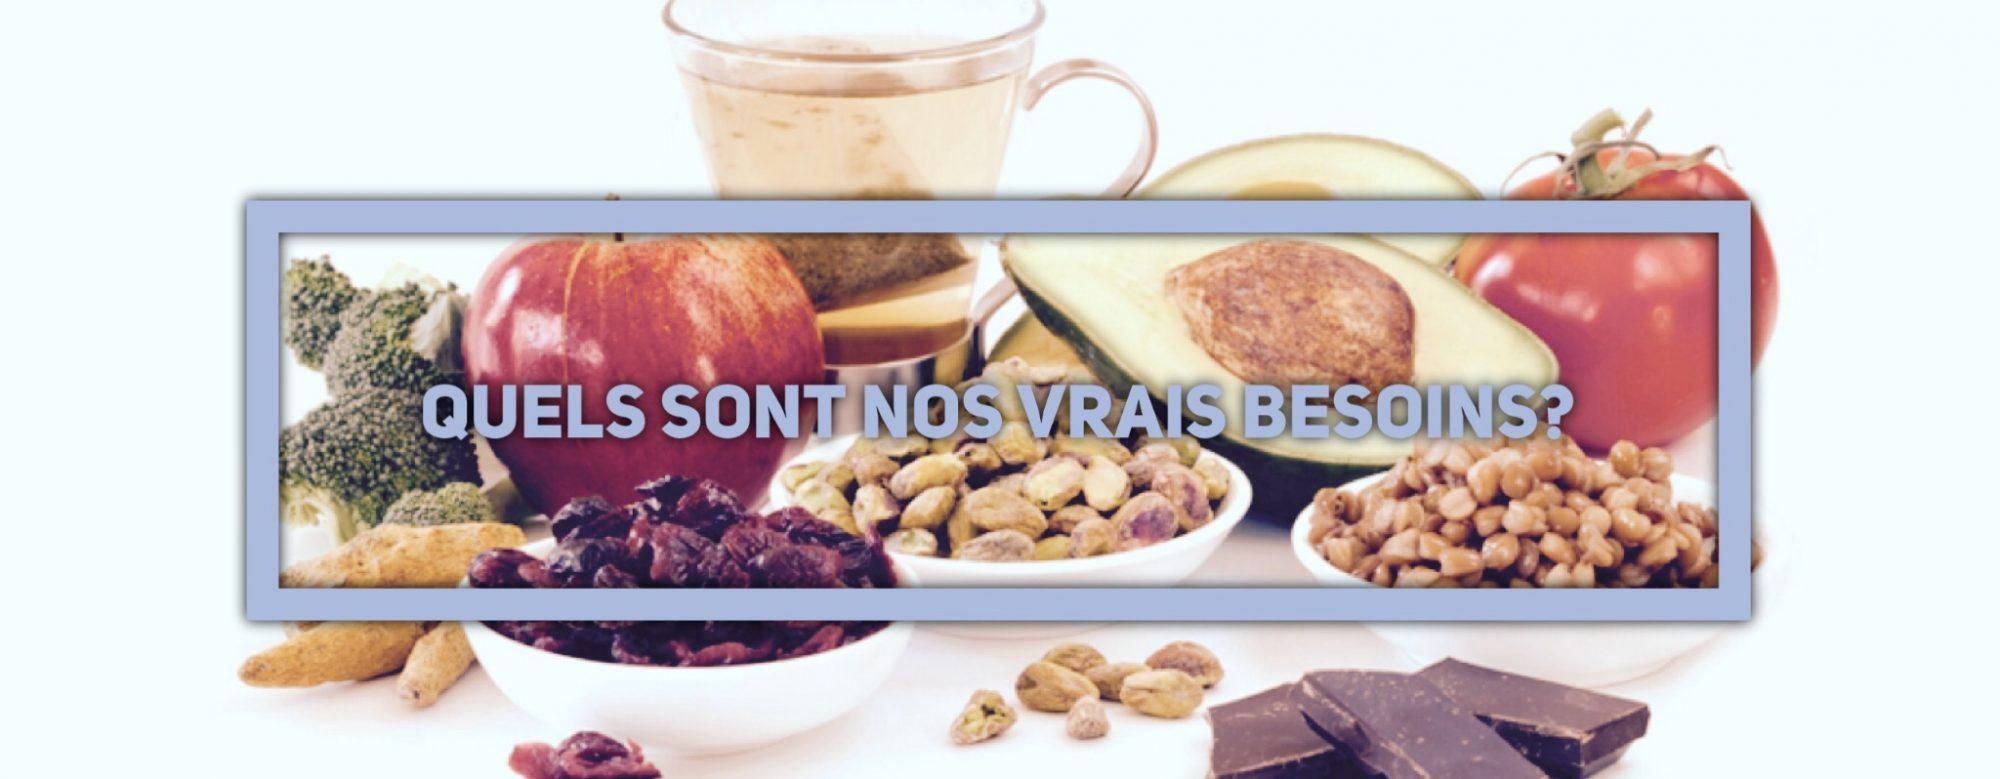 Alimentation: Quels sont nos vrais besoins?